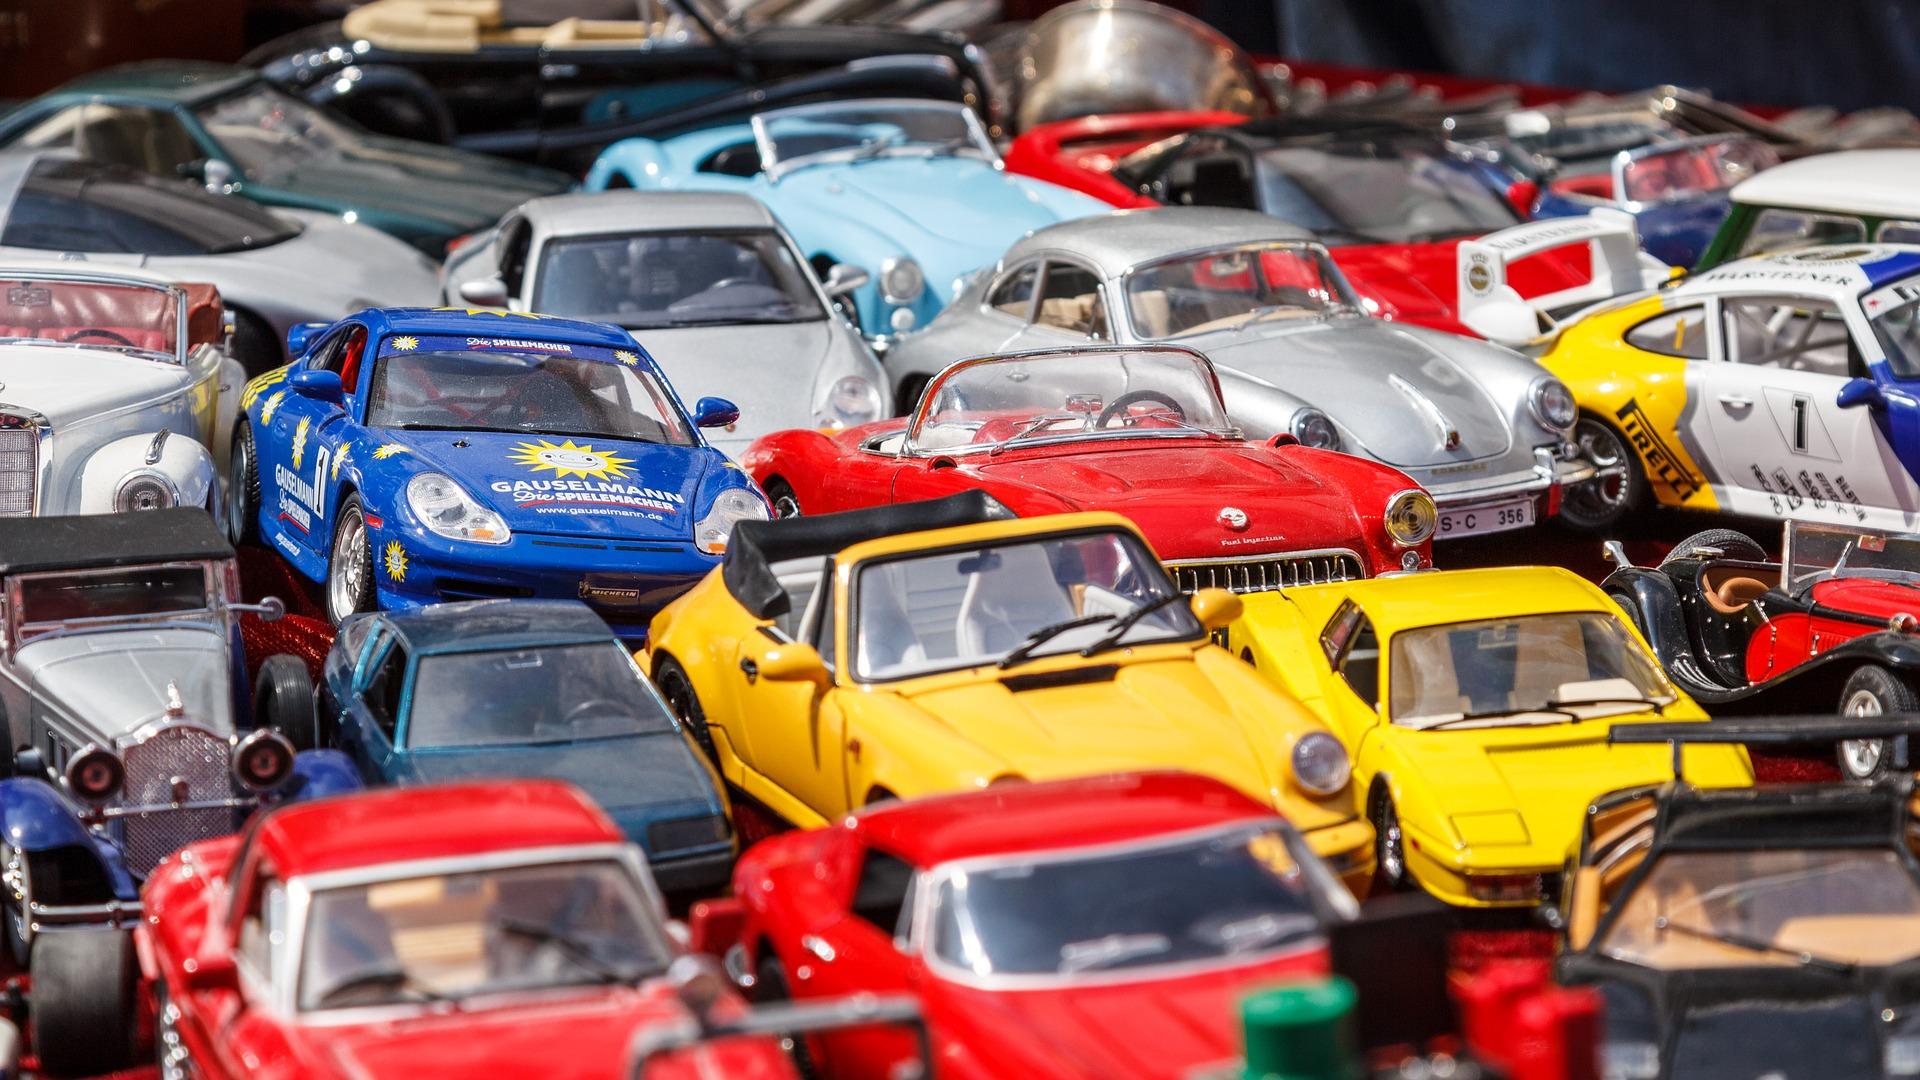 Les doutes sur le futur du diesel plombent le marché... /Photo Pixabay